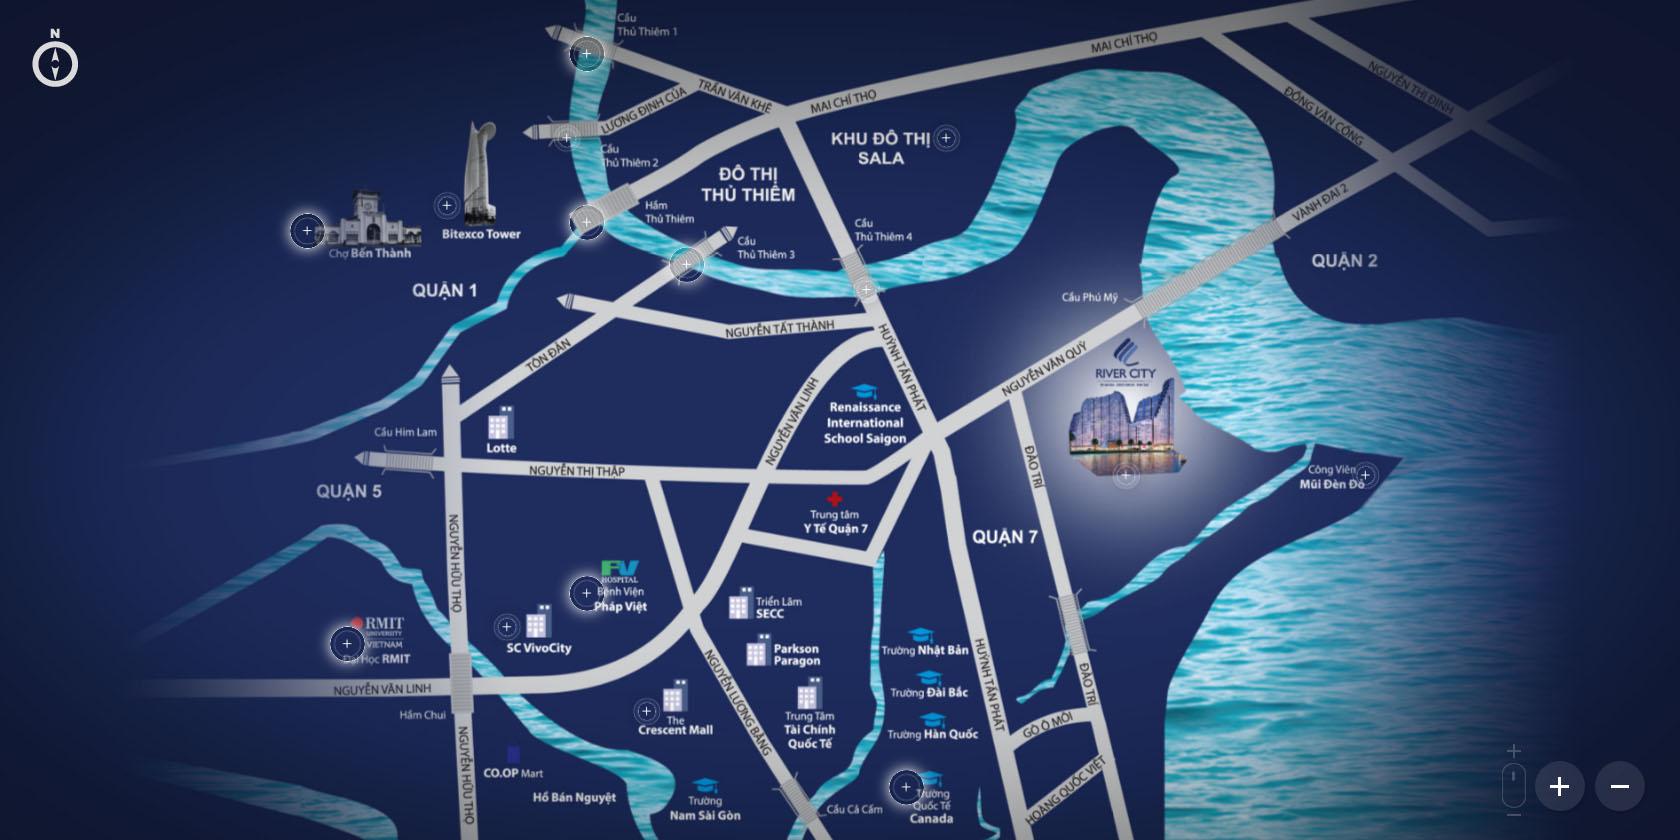 Vị trí dự án River City quận 7